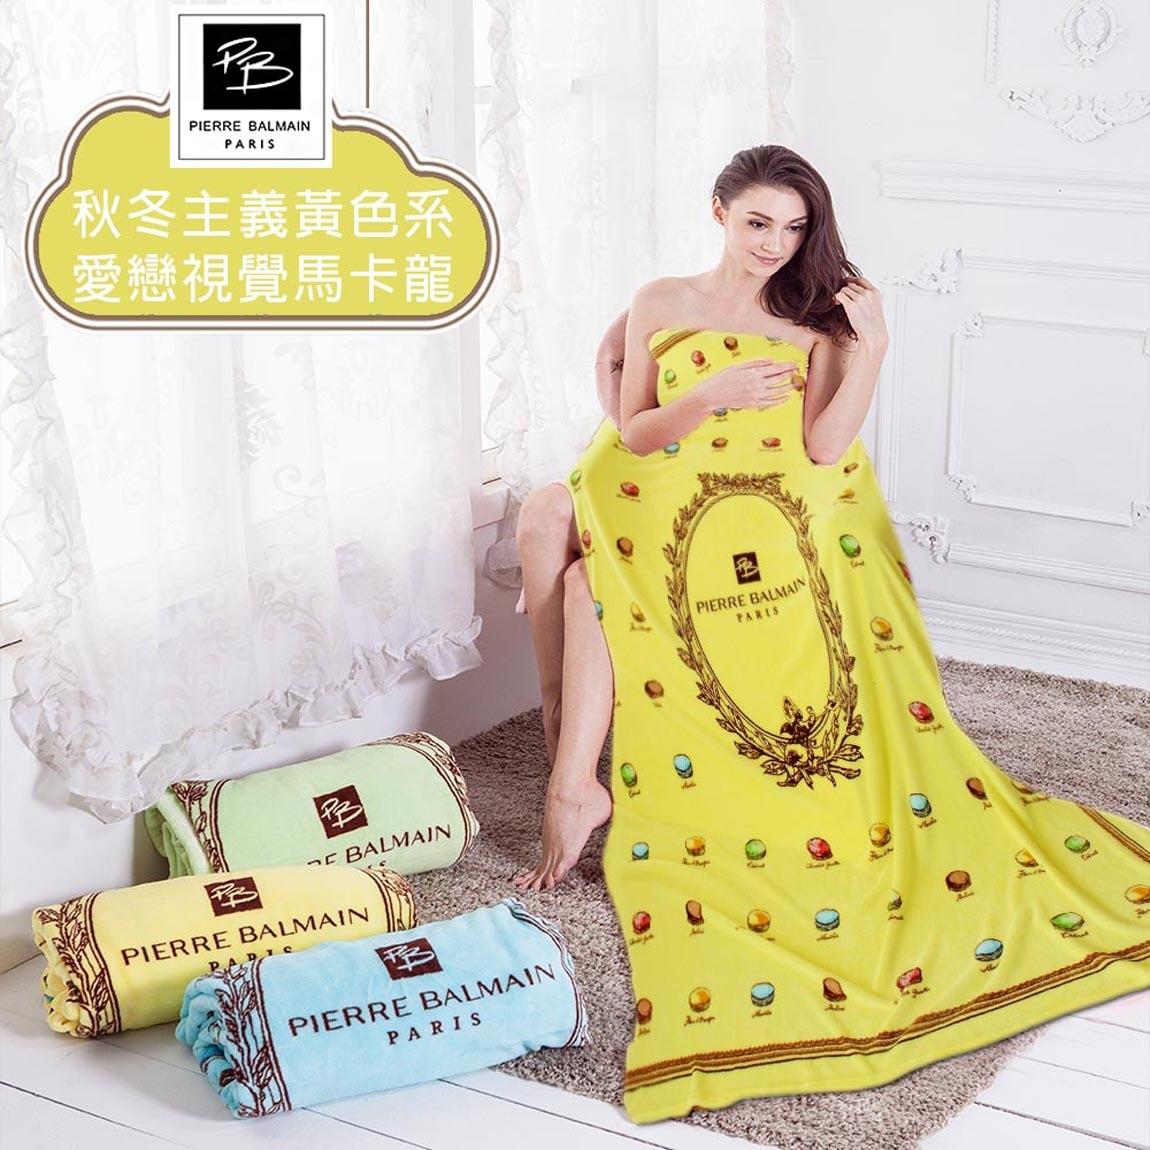 PB皮爾帕門-極細緻法萊絨保暖舒眠四季毯【FOCA】馬卡龍黃